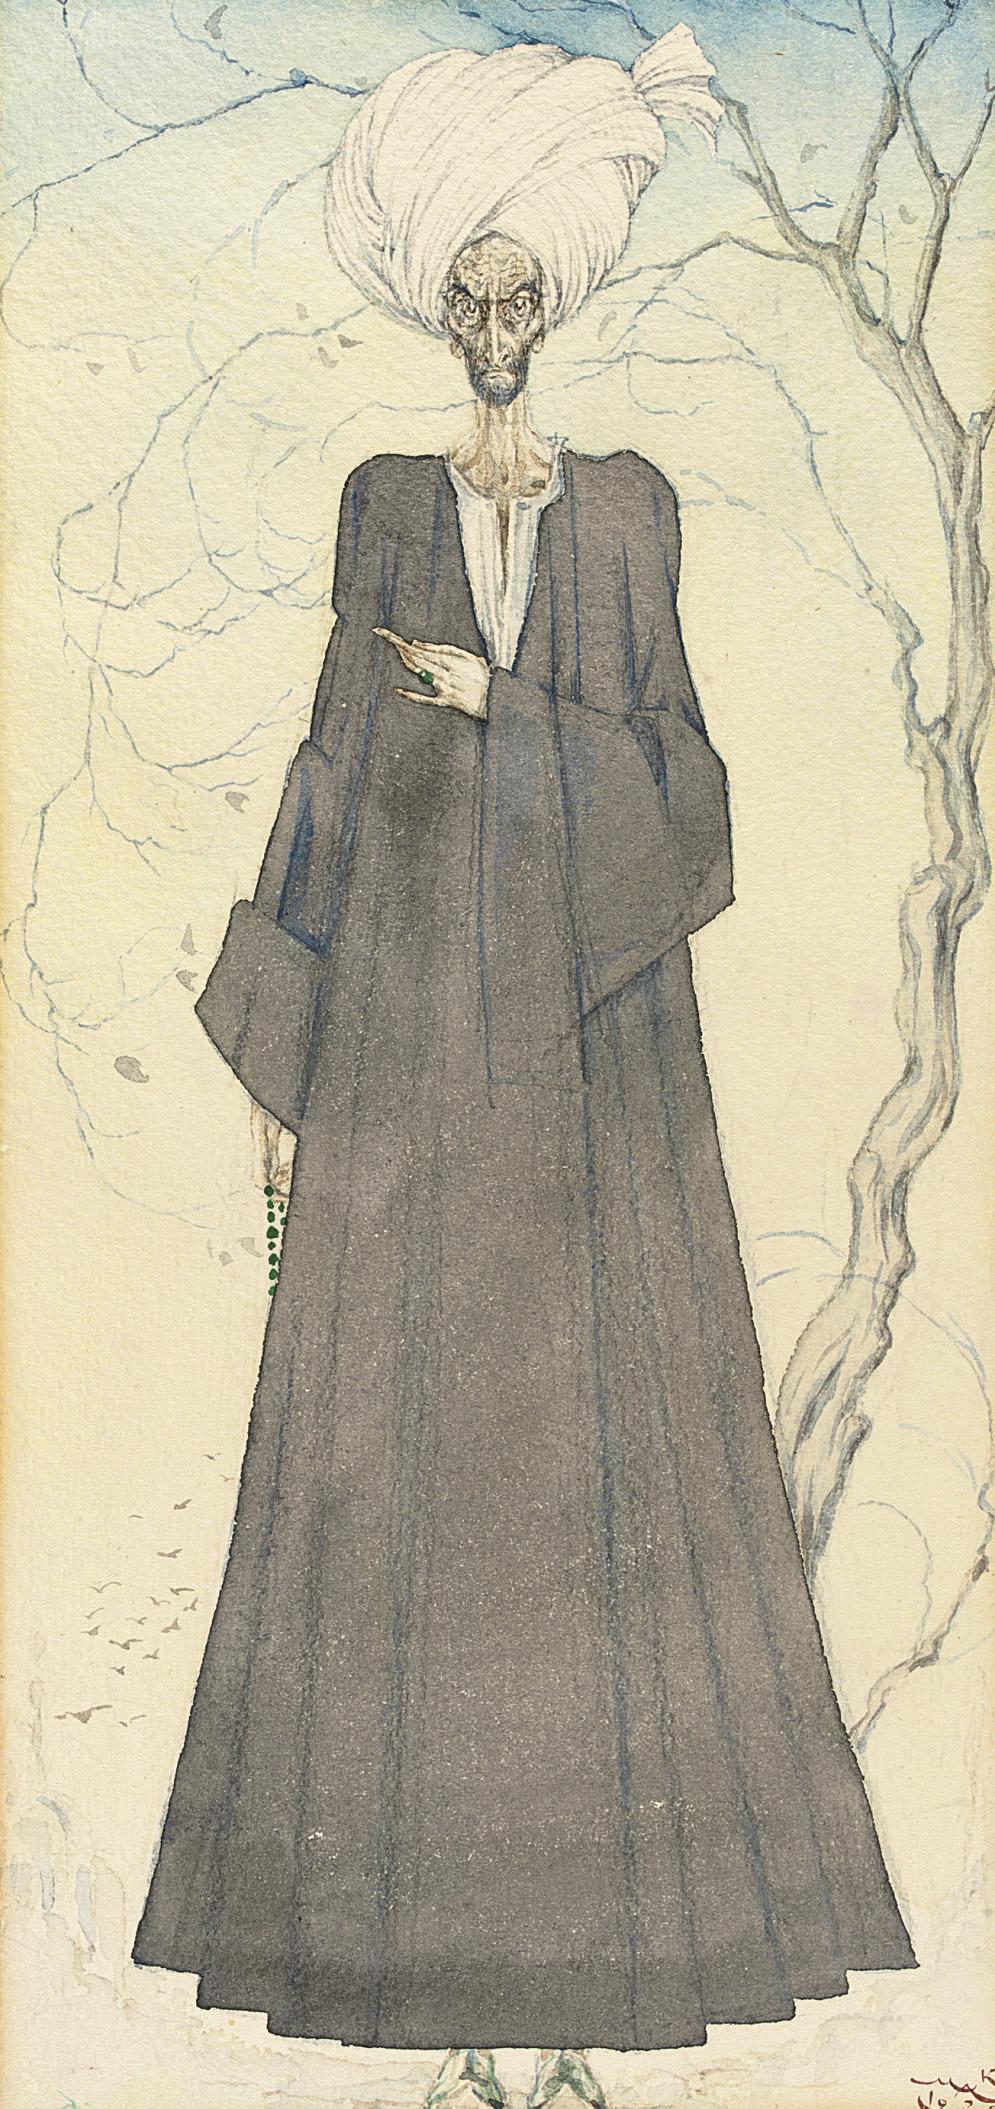 Paul Mak (1891-1967)